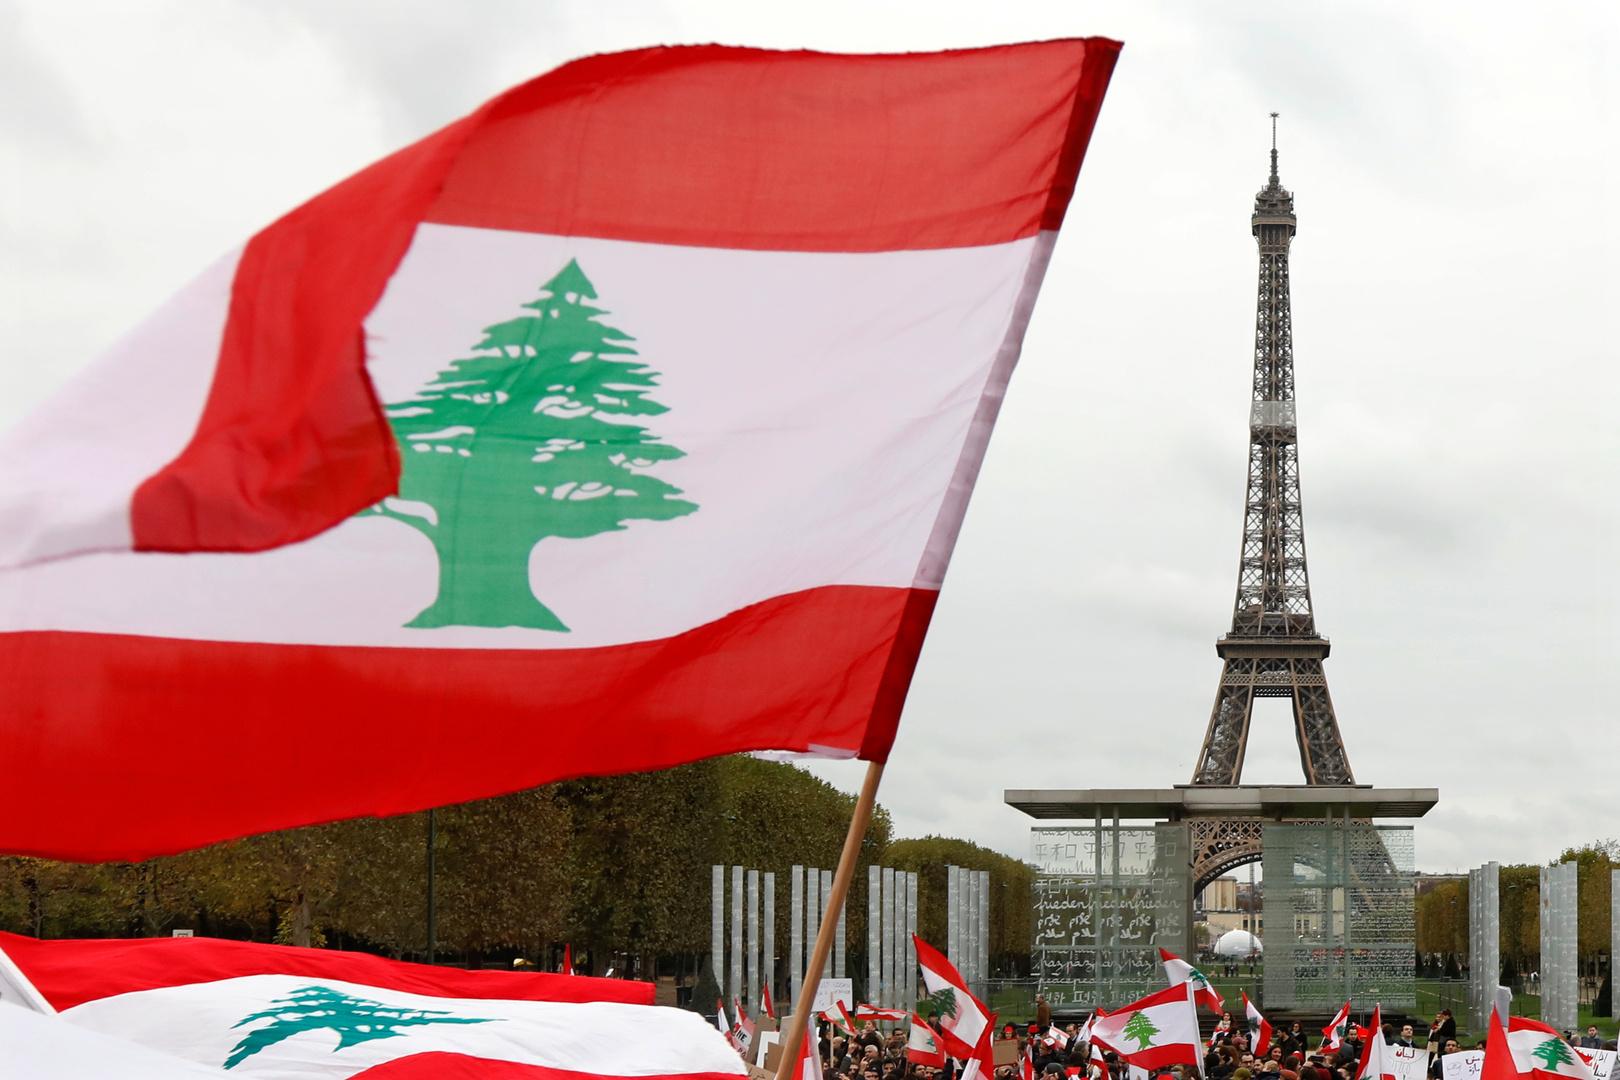 مجموعة باريس: لتشكيل حكومة تنفذ الإصلاحات وتبعد لبنان عن الأزمات الإقليمية